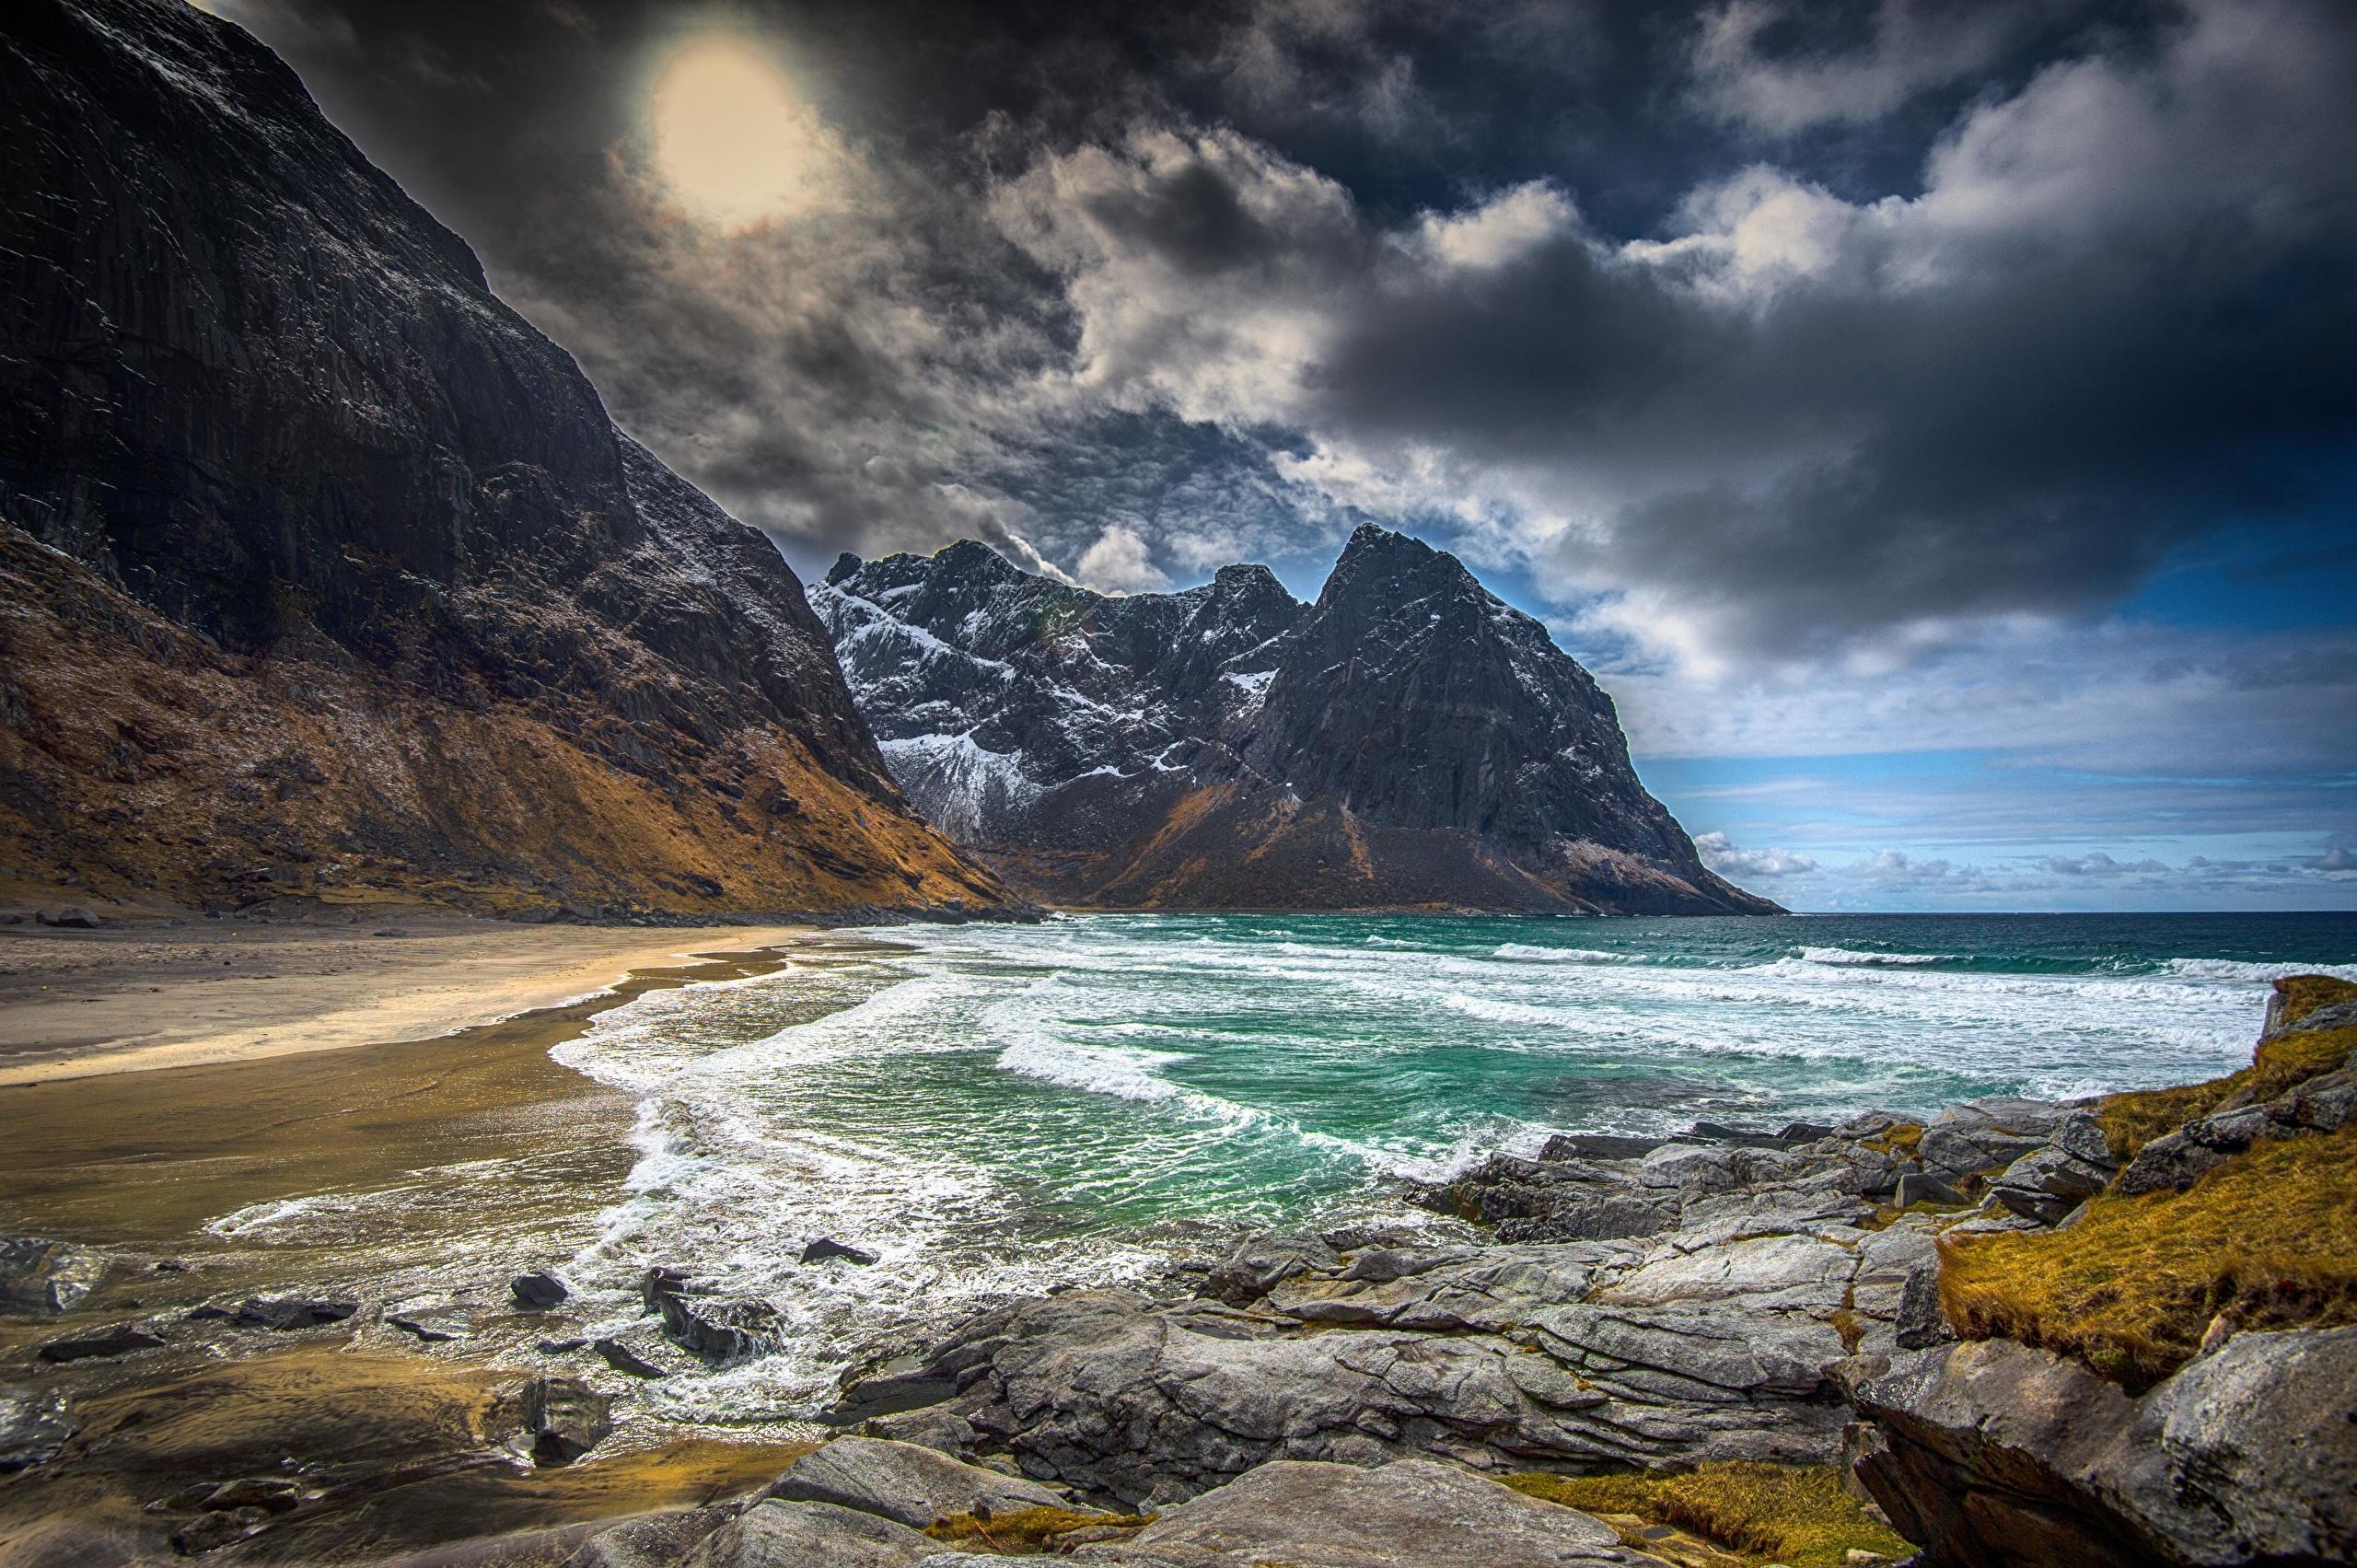 Природа горы сборник2 разное картинки фотографии красивые ostrov susha voda okean gory vysota nebo kraski 1680x1050